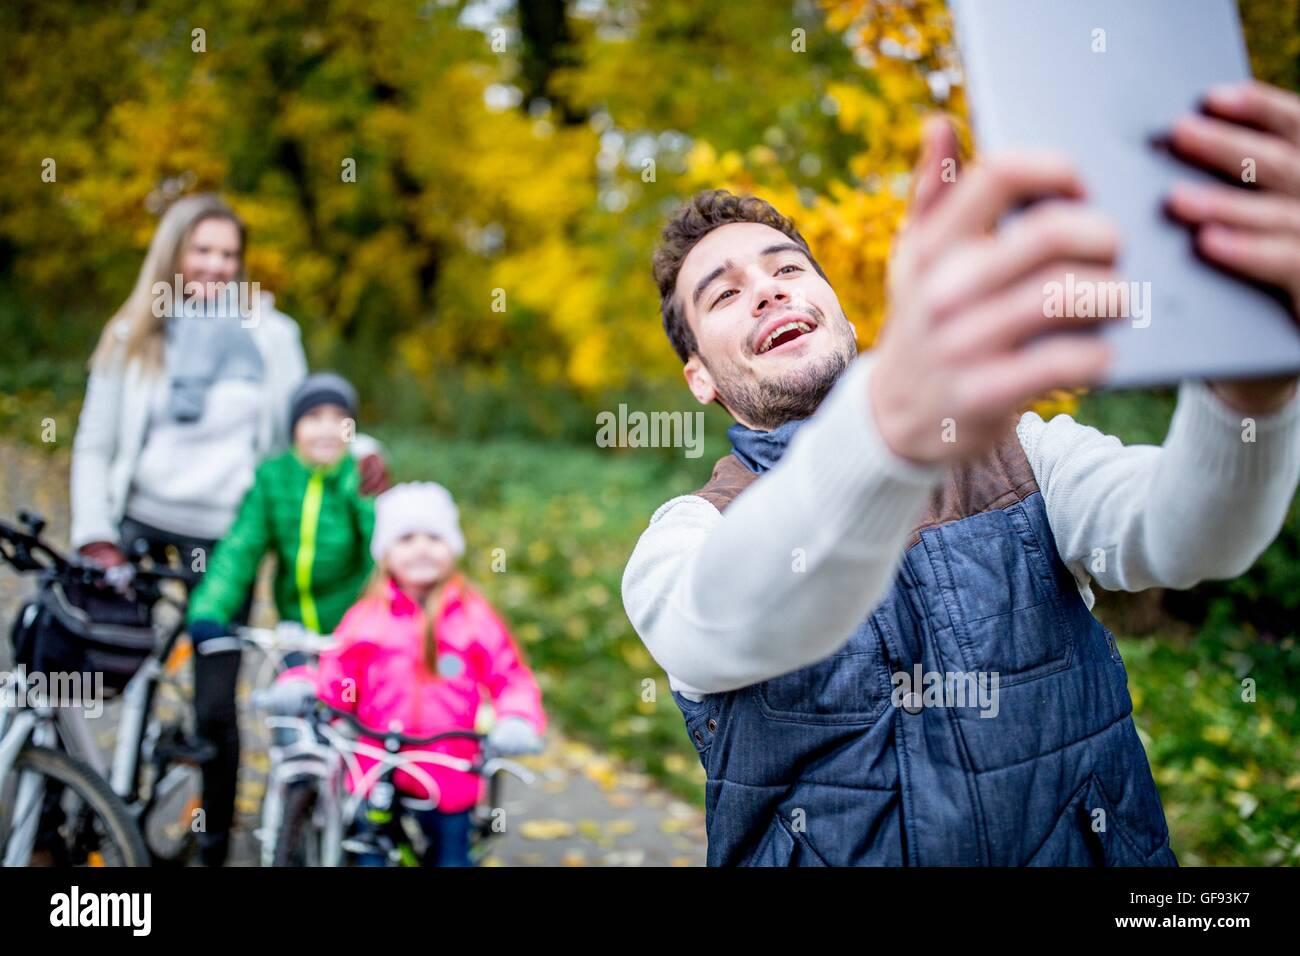 -MODELL VERÖFFENTLICHT. Lächelnder Mann unter Foto der Familie. Stockbild